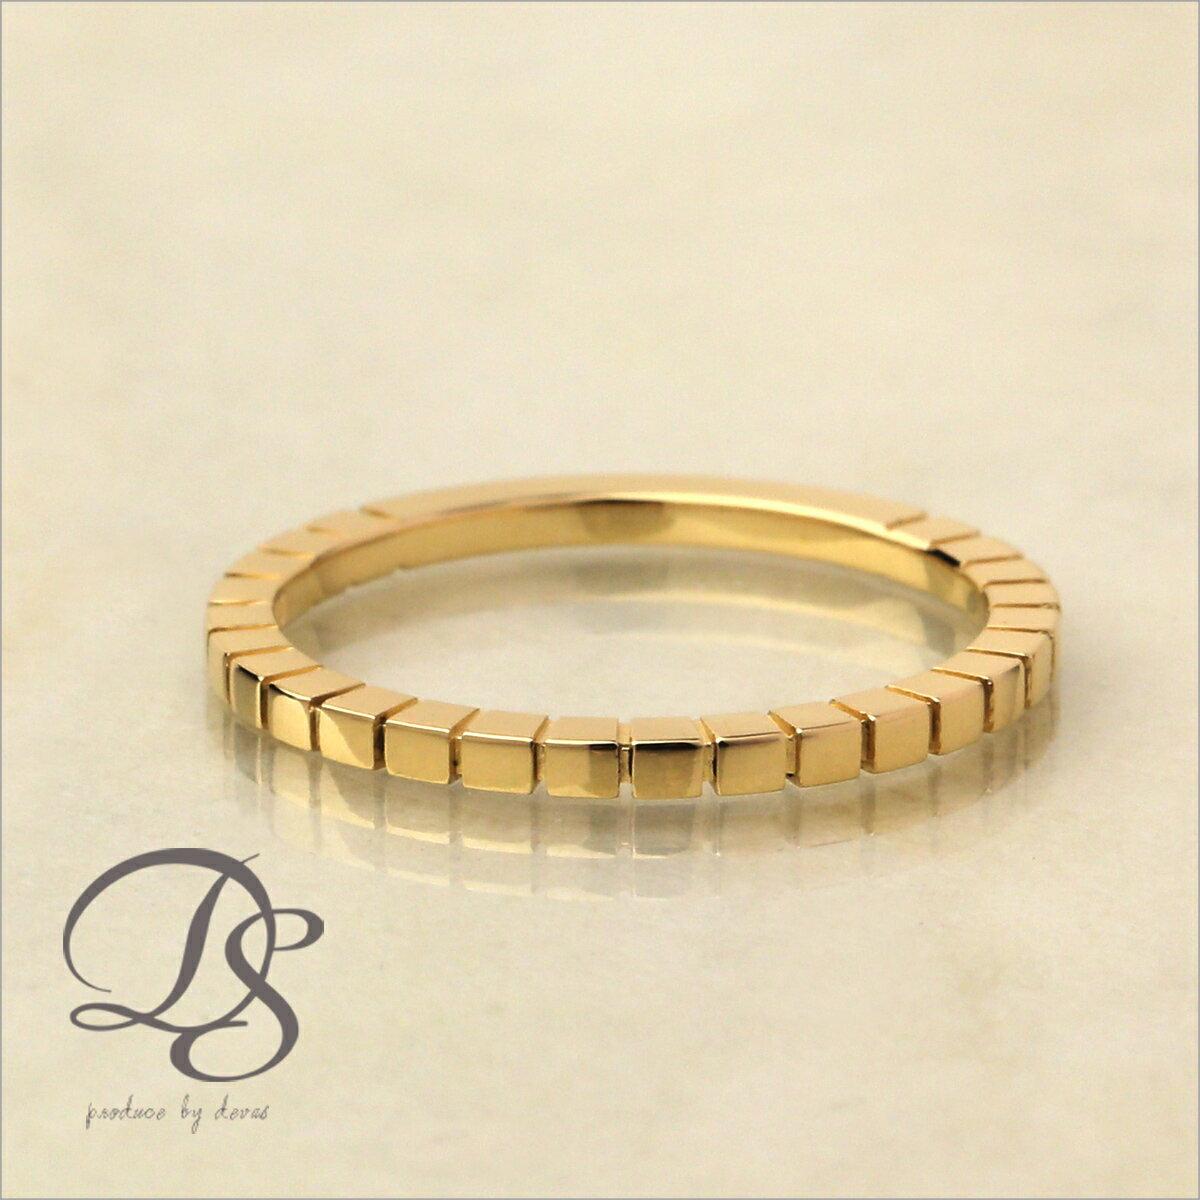 【K18ゴールド リング】18k 18金 指輪DEVAS ディーヴァス ピンキーリング シンプル ゴールドリング レディース かわいい 華奢 ジュエリー 重ねづけ 大人可愛い お誕生日 クリスマスプレゼント 彼女 5号 6号 7号 8号 9号 四角 スクエア